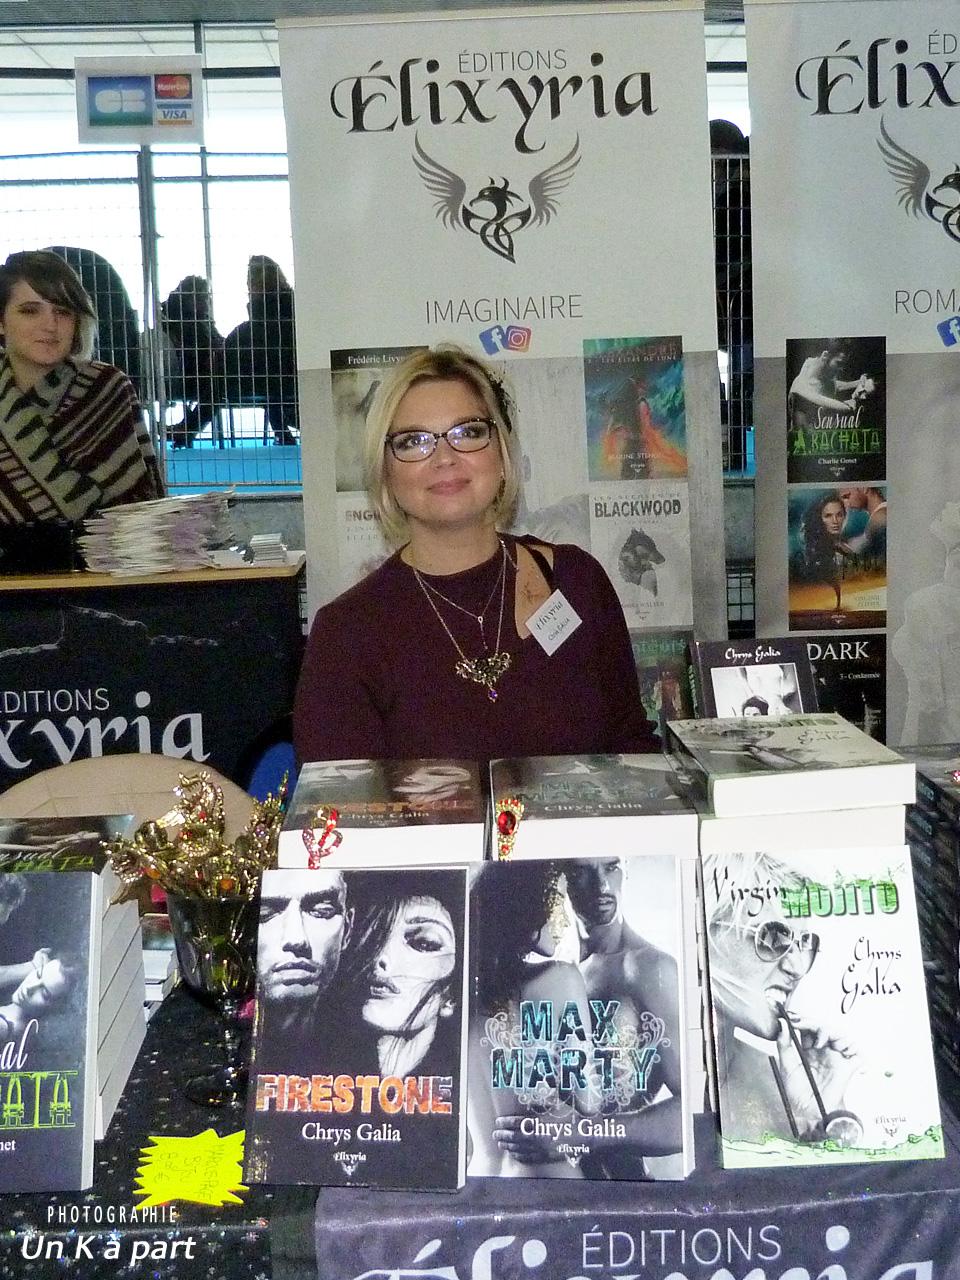 Festival du livre romantique Chrys Gallia